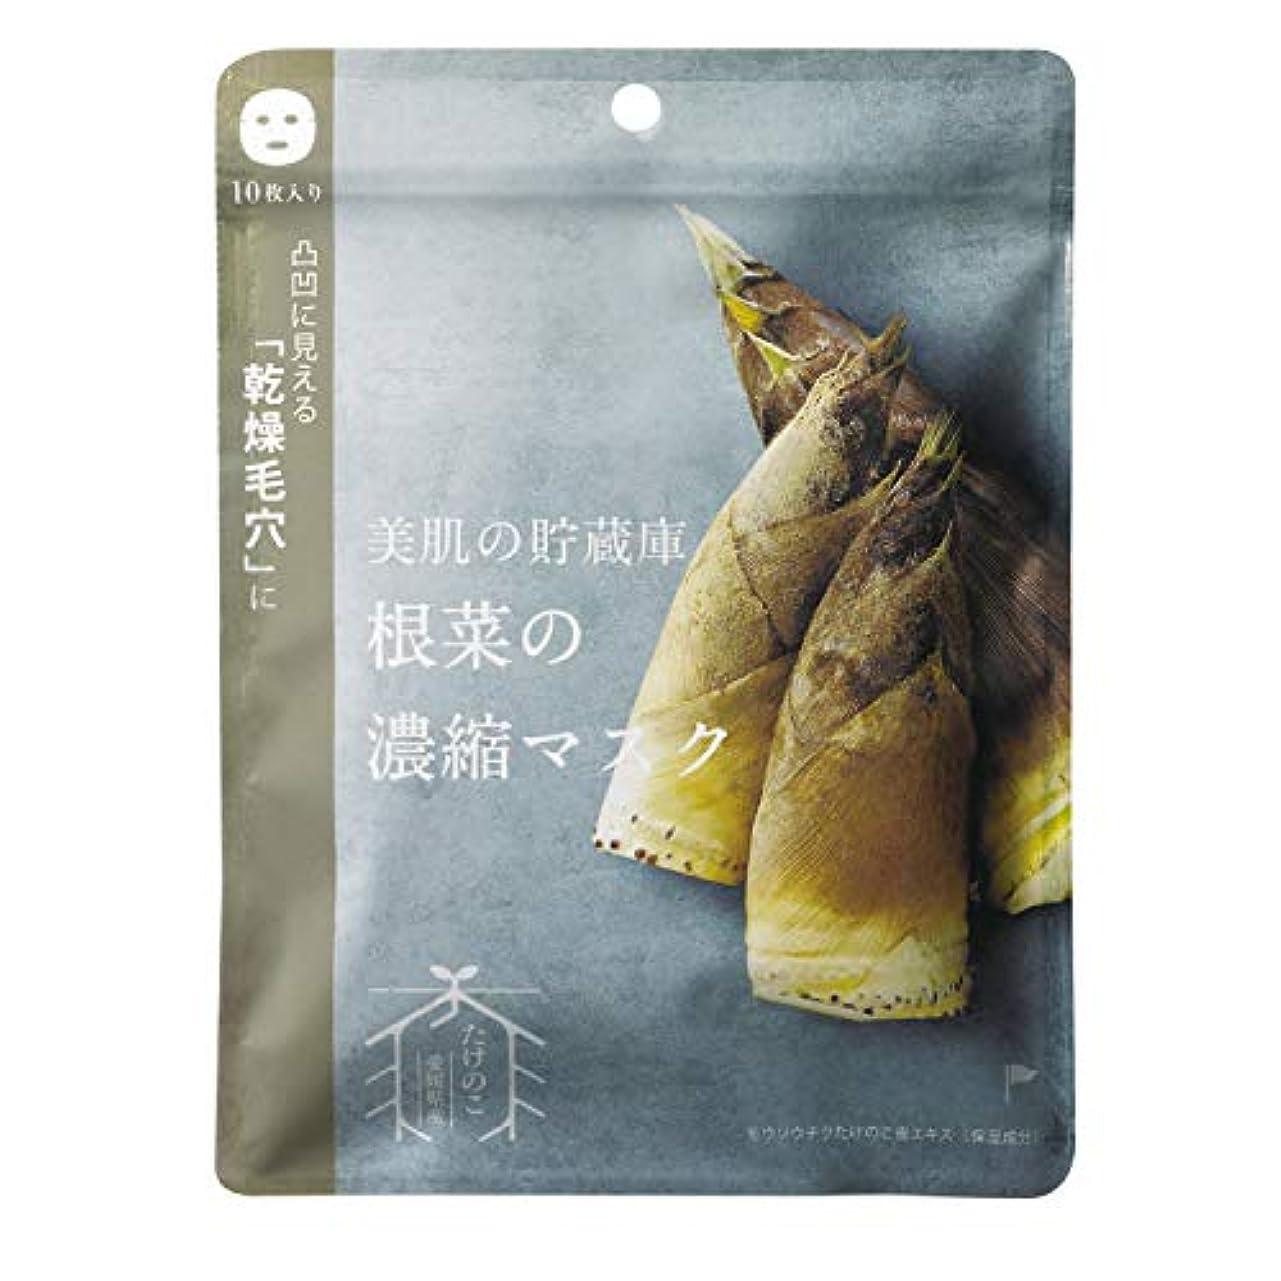 在庫ハーネスニュース@cosme nippon 美肌の貯蔵庫 根菜の濃縮マスク 孟宗竹たけのこ 10枚 160ml